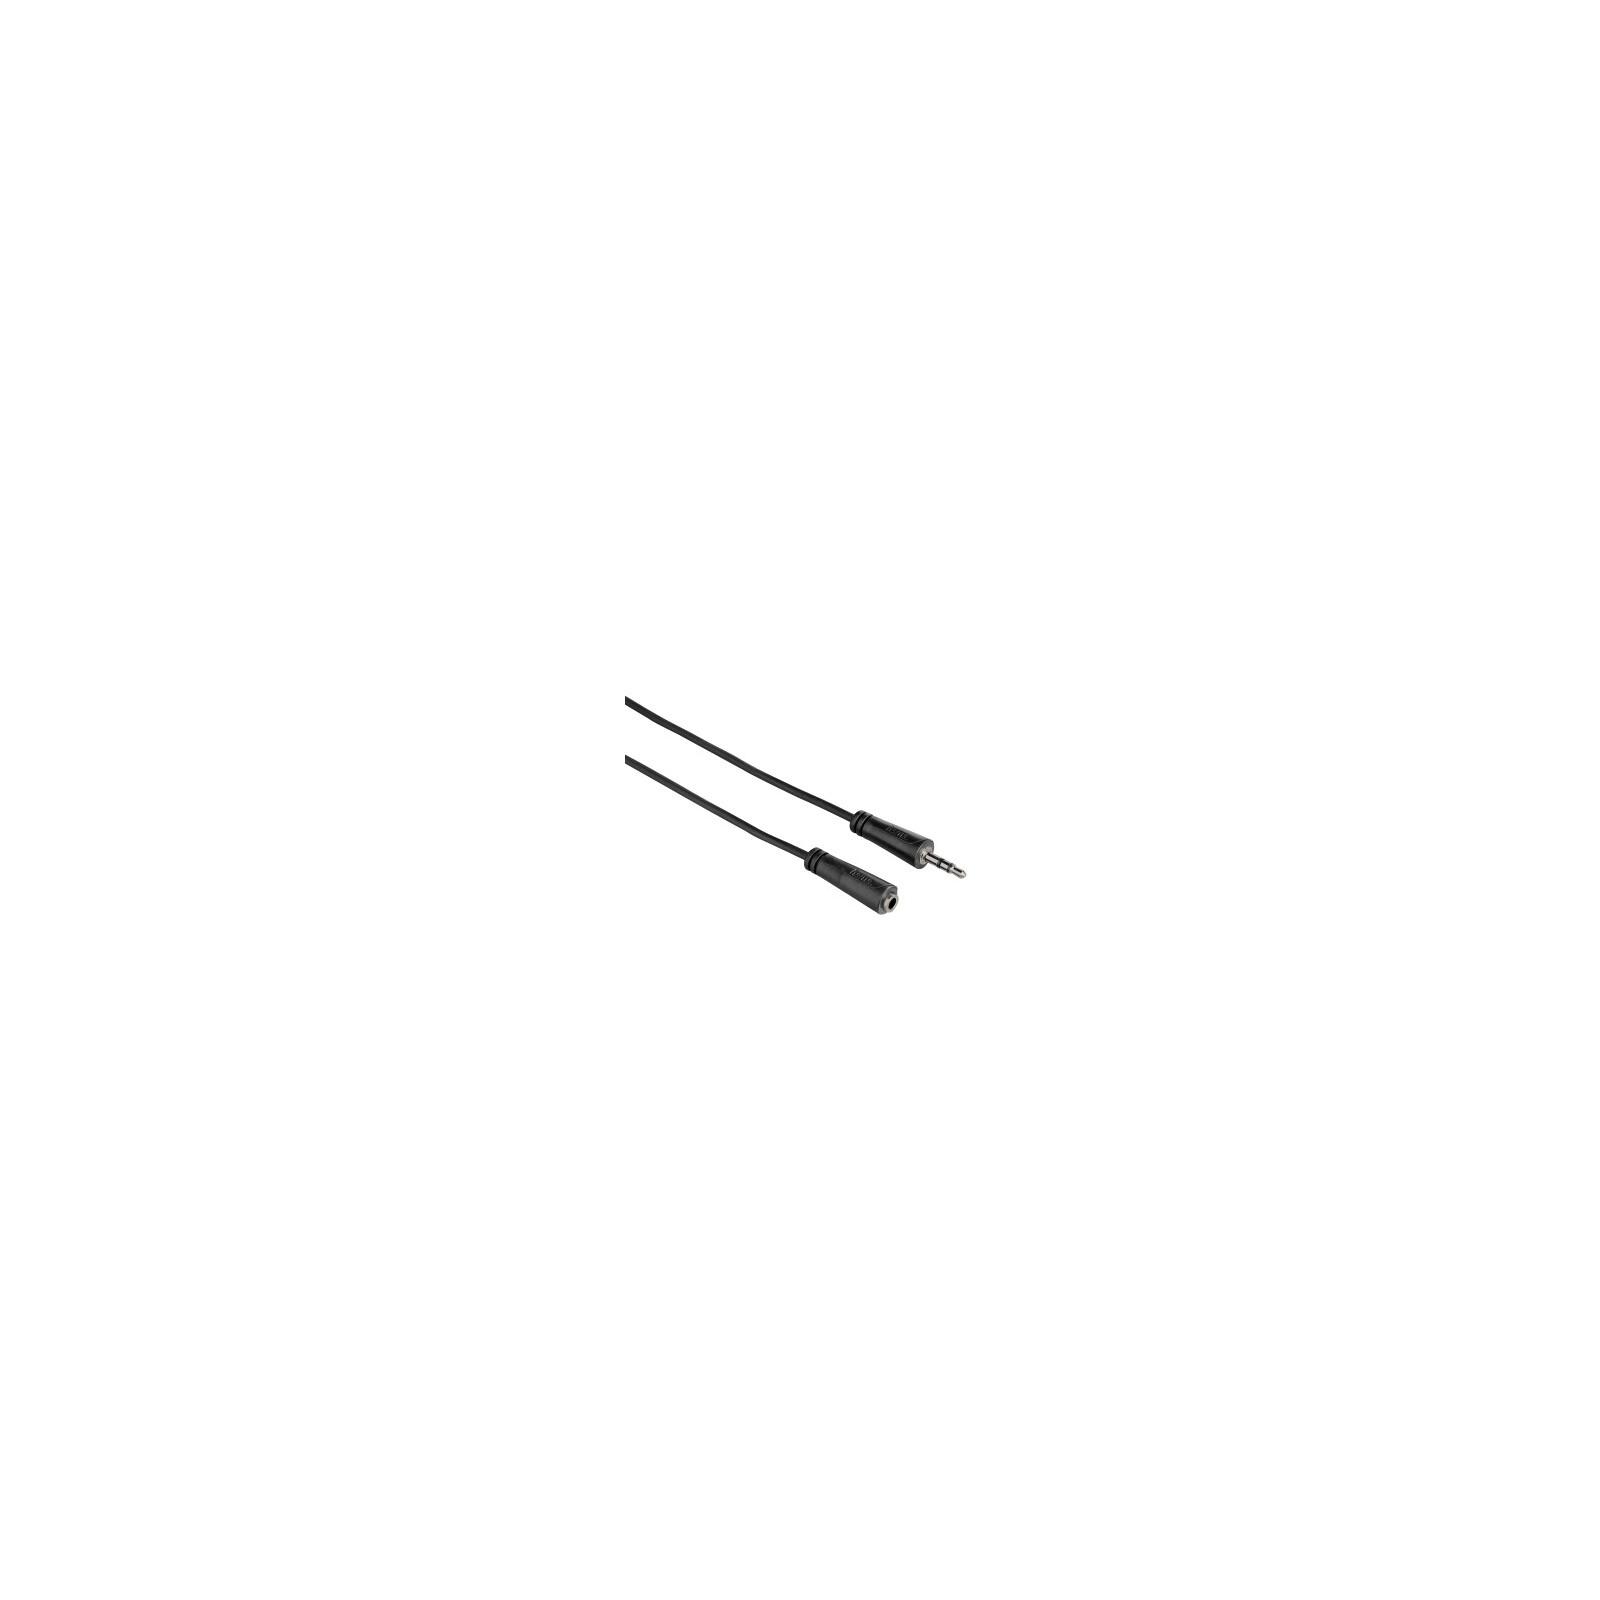 Hama 122315 Audio-Verlängerung 3,5mm-Klinke 5,0m